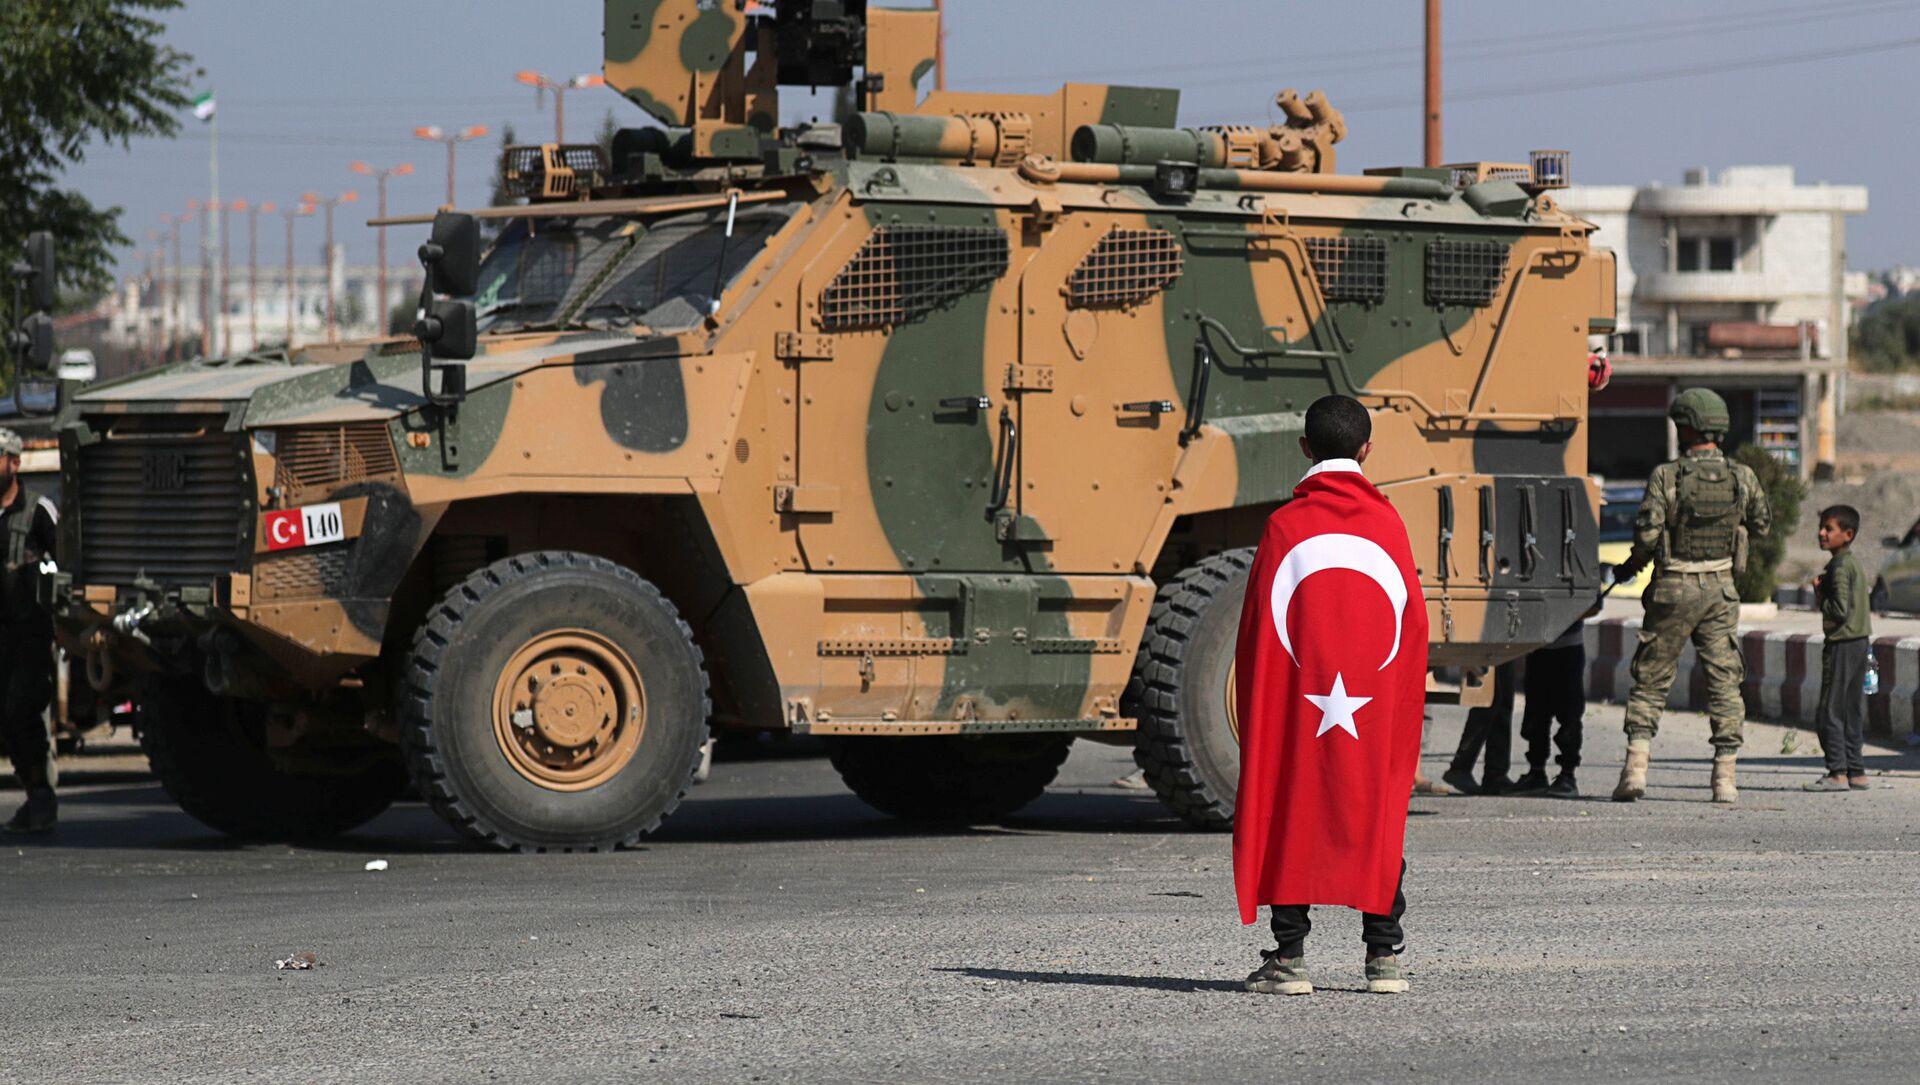 Мальчик в турецком флаге стоит перед турецким военным транспортным средством в городе Тал Абьяд в Сирии - Sputnik Азербайджан, 1920, 14.07.2021